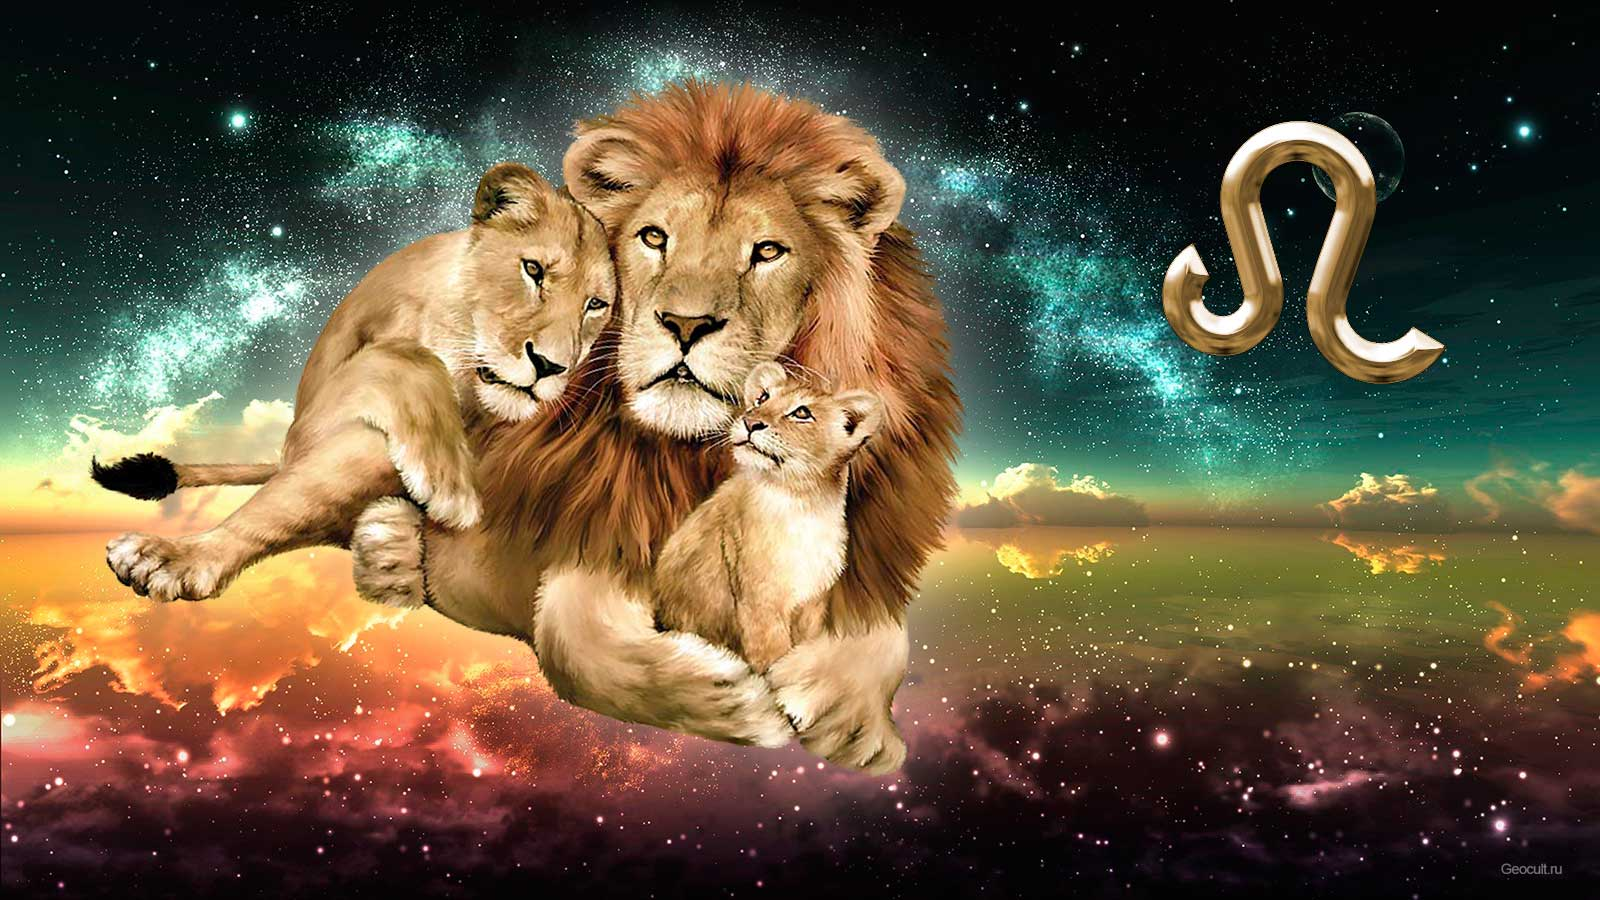 Открытка львиная семья